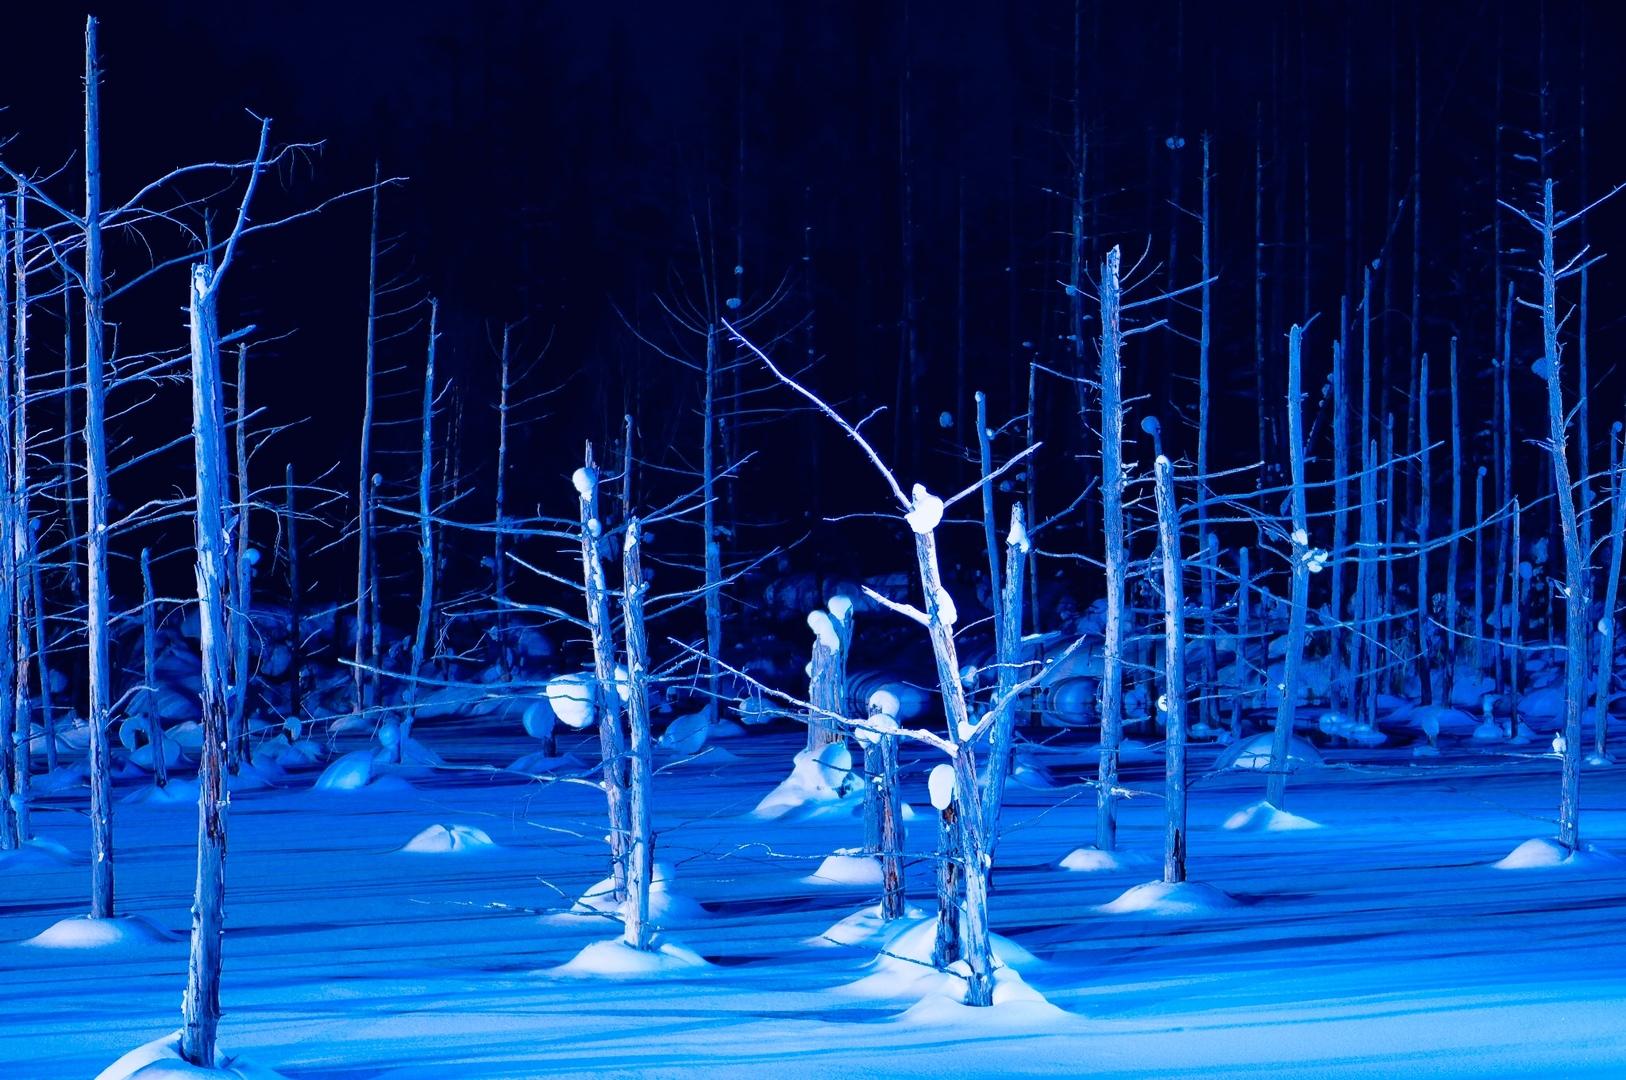 冬の青い池は初めてでしたが、ライトアップの点灯パターンがあり、時間によっては真っ暗か、薄暗くてあまり楽しめないです。写真撮るなら移動時間も含めて1時間くらいは必要かと思います。